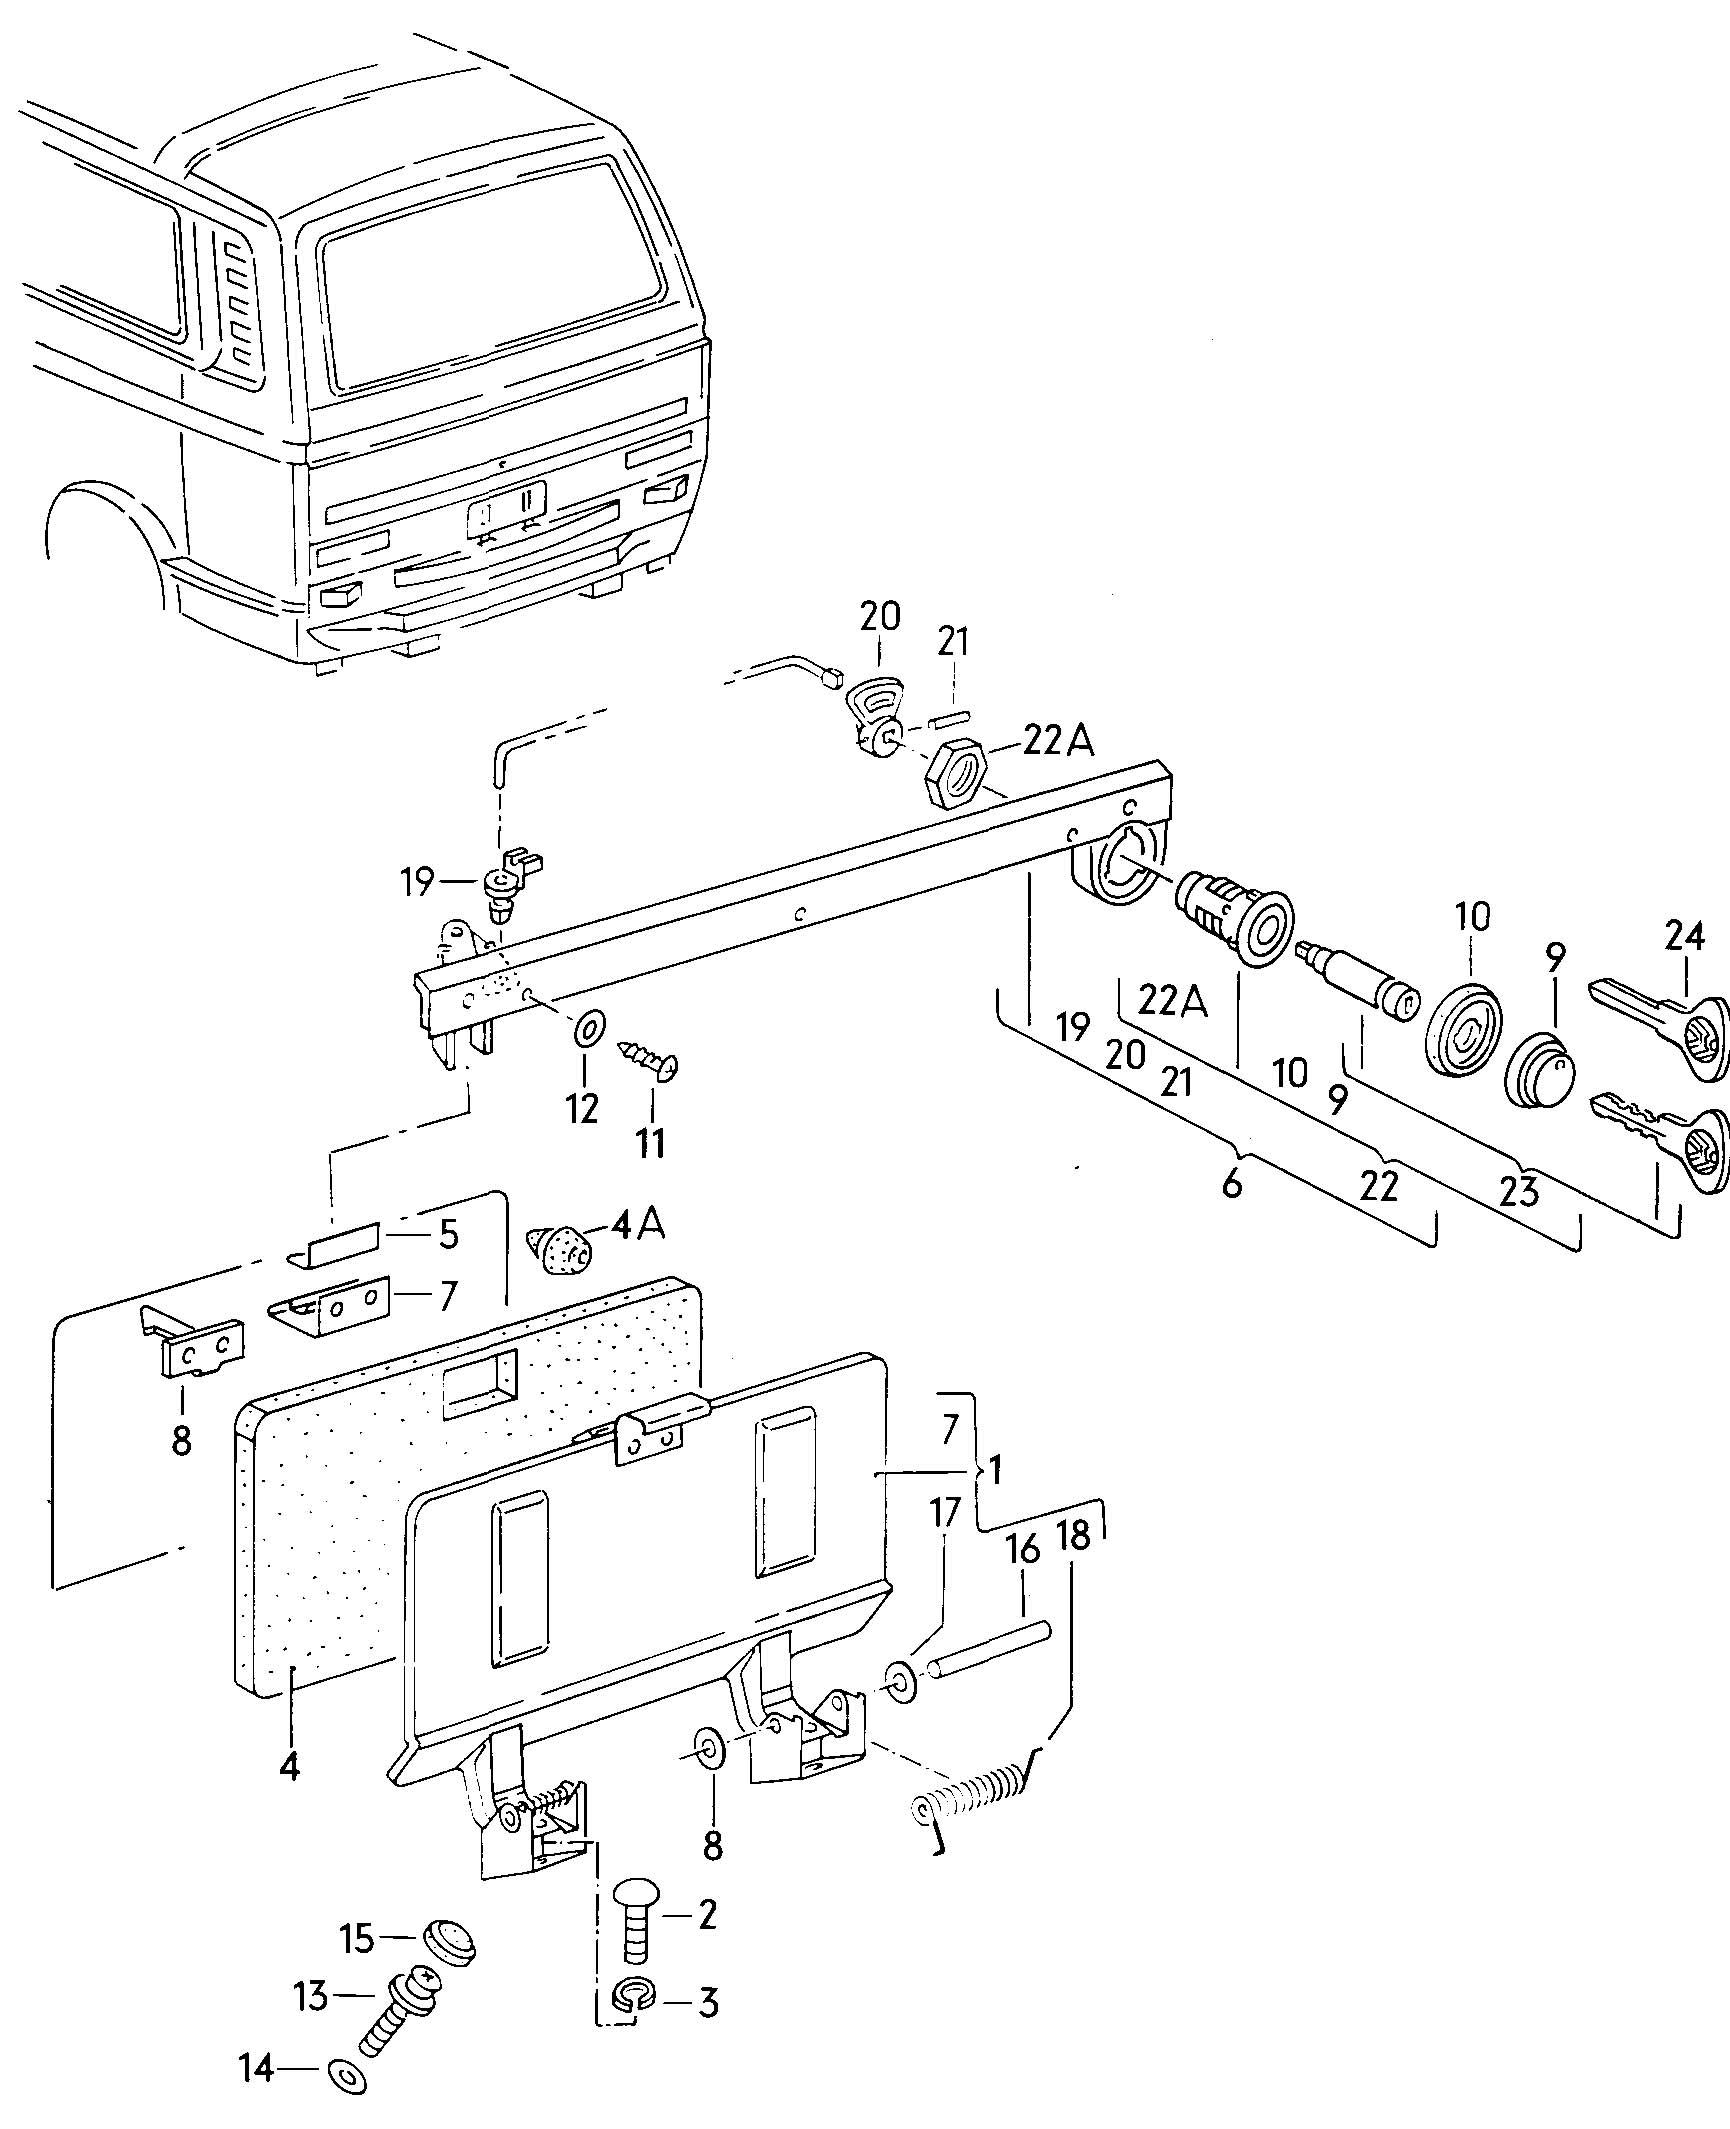 1992 Volkswagen Vanagon Inspection cover